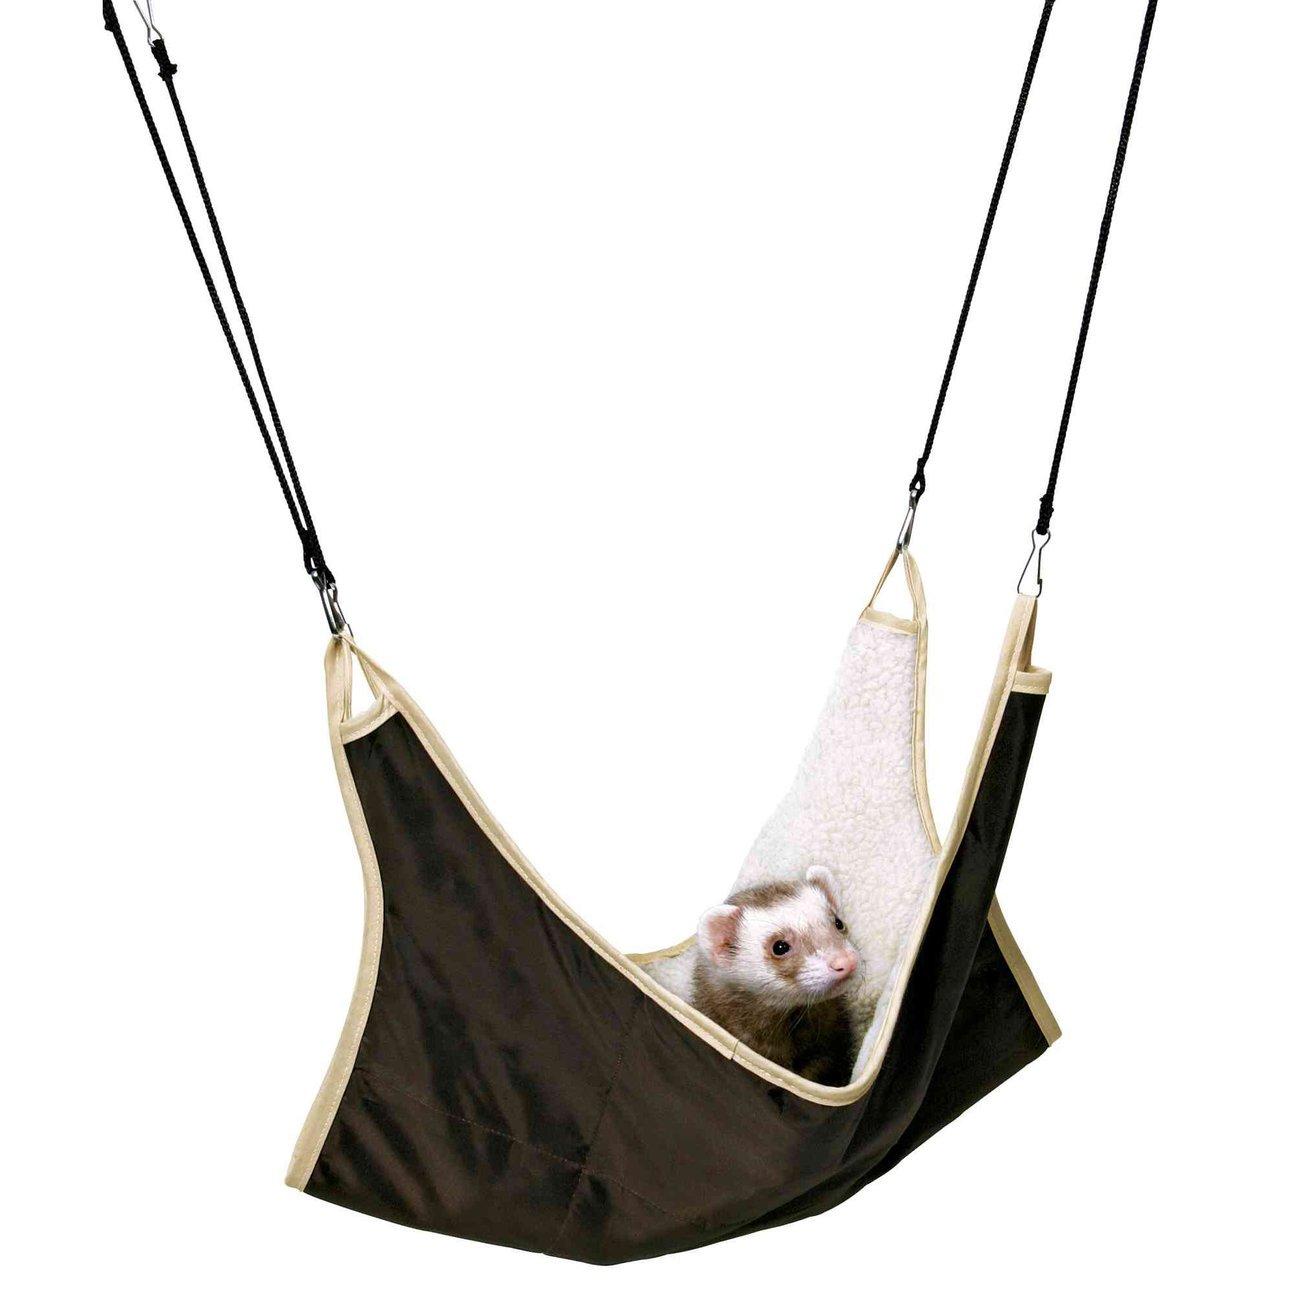 Trixie Hängematte für Frettchen und Ratten, 45 × 45 cm, braun-beige